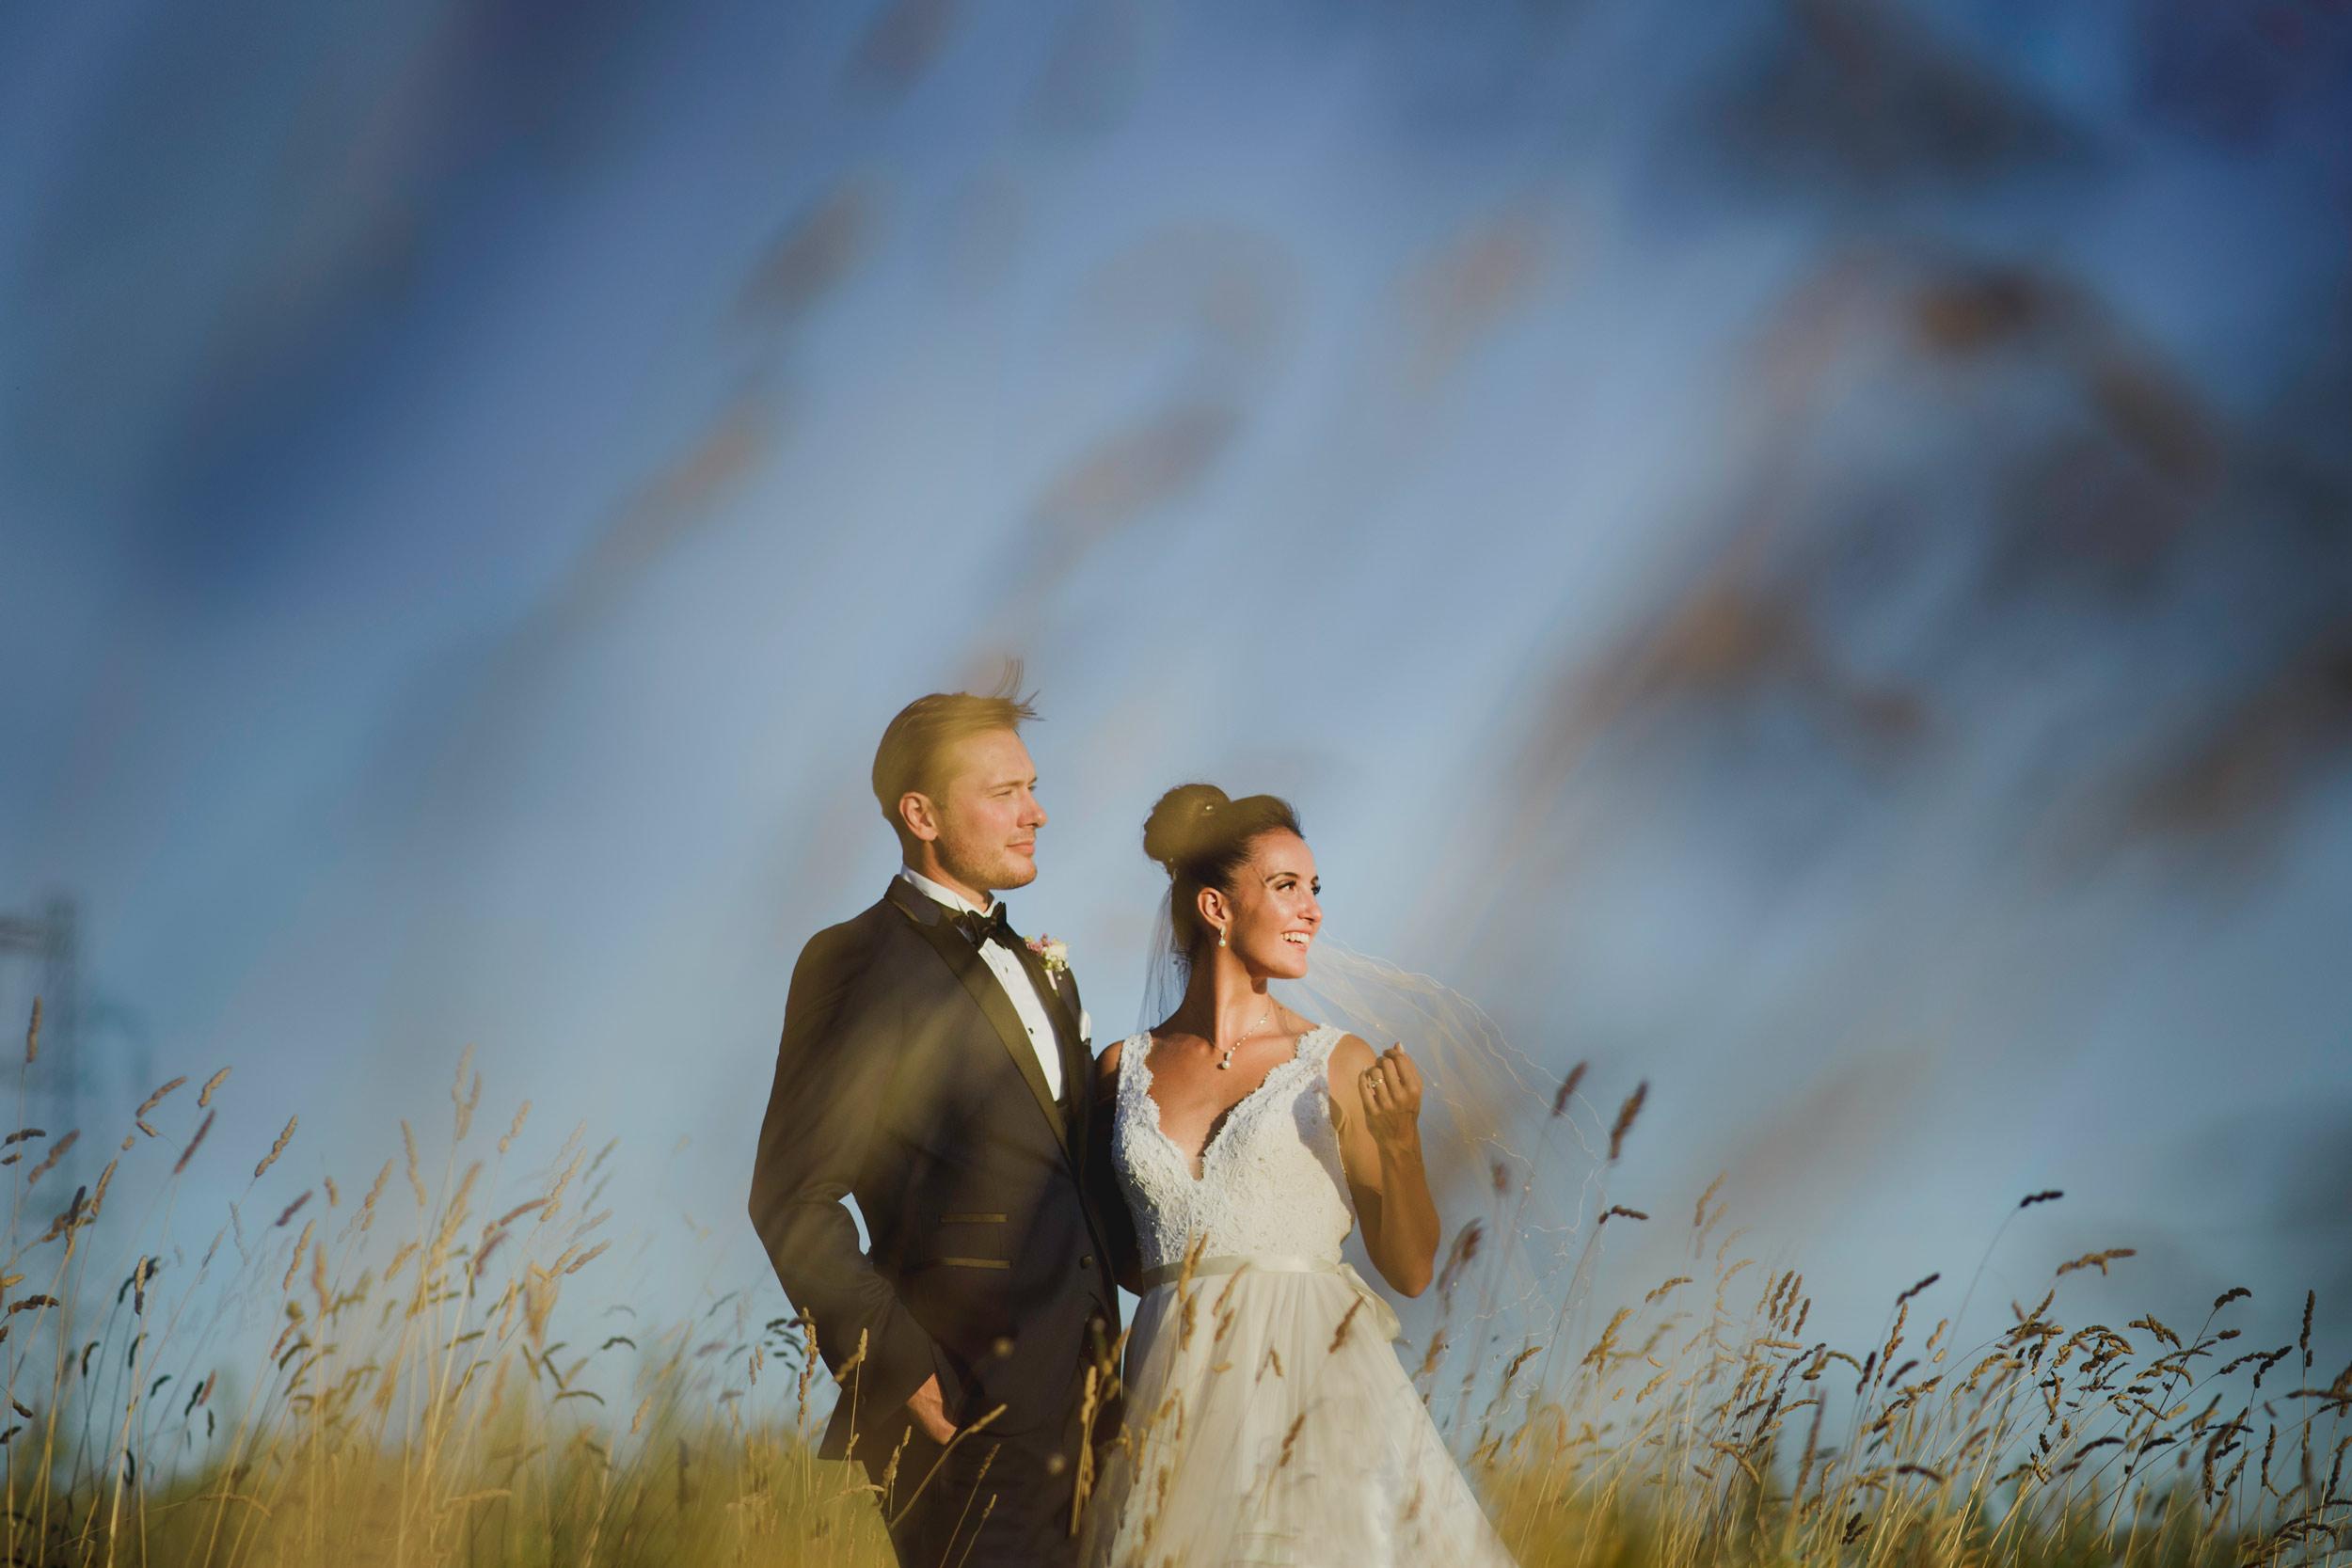 Matrimonio al tempo del Covid: un binomio possibile?